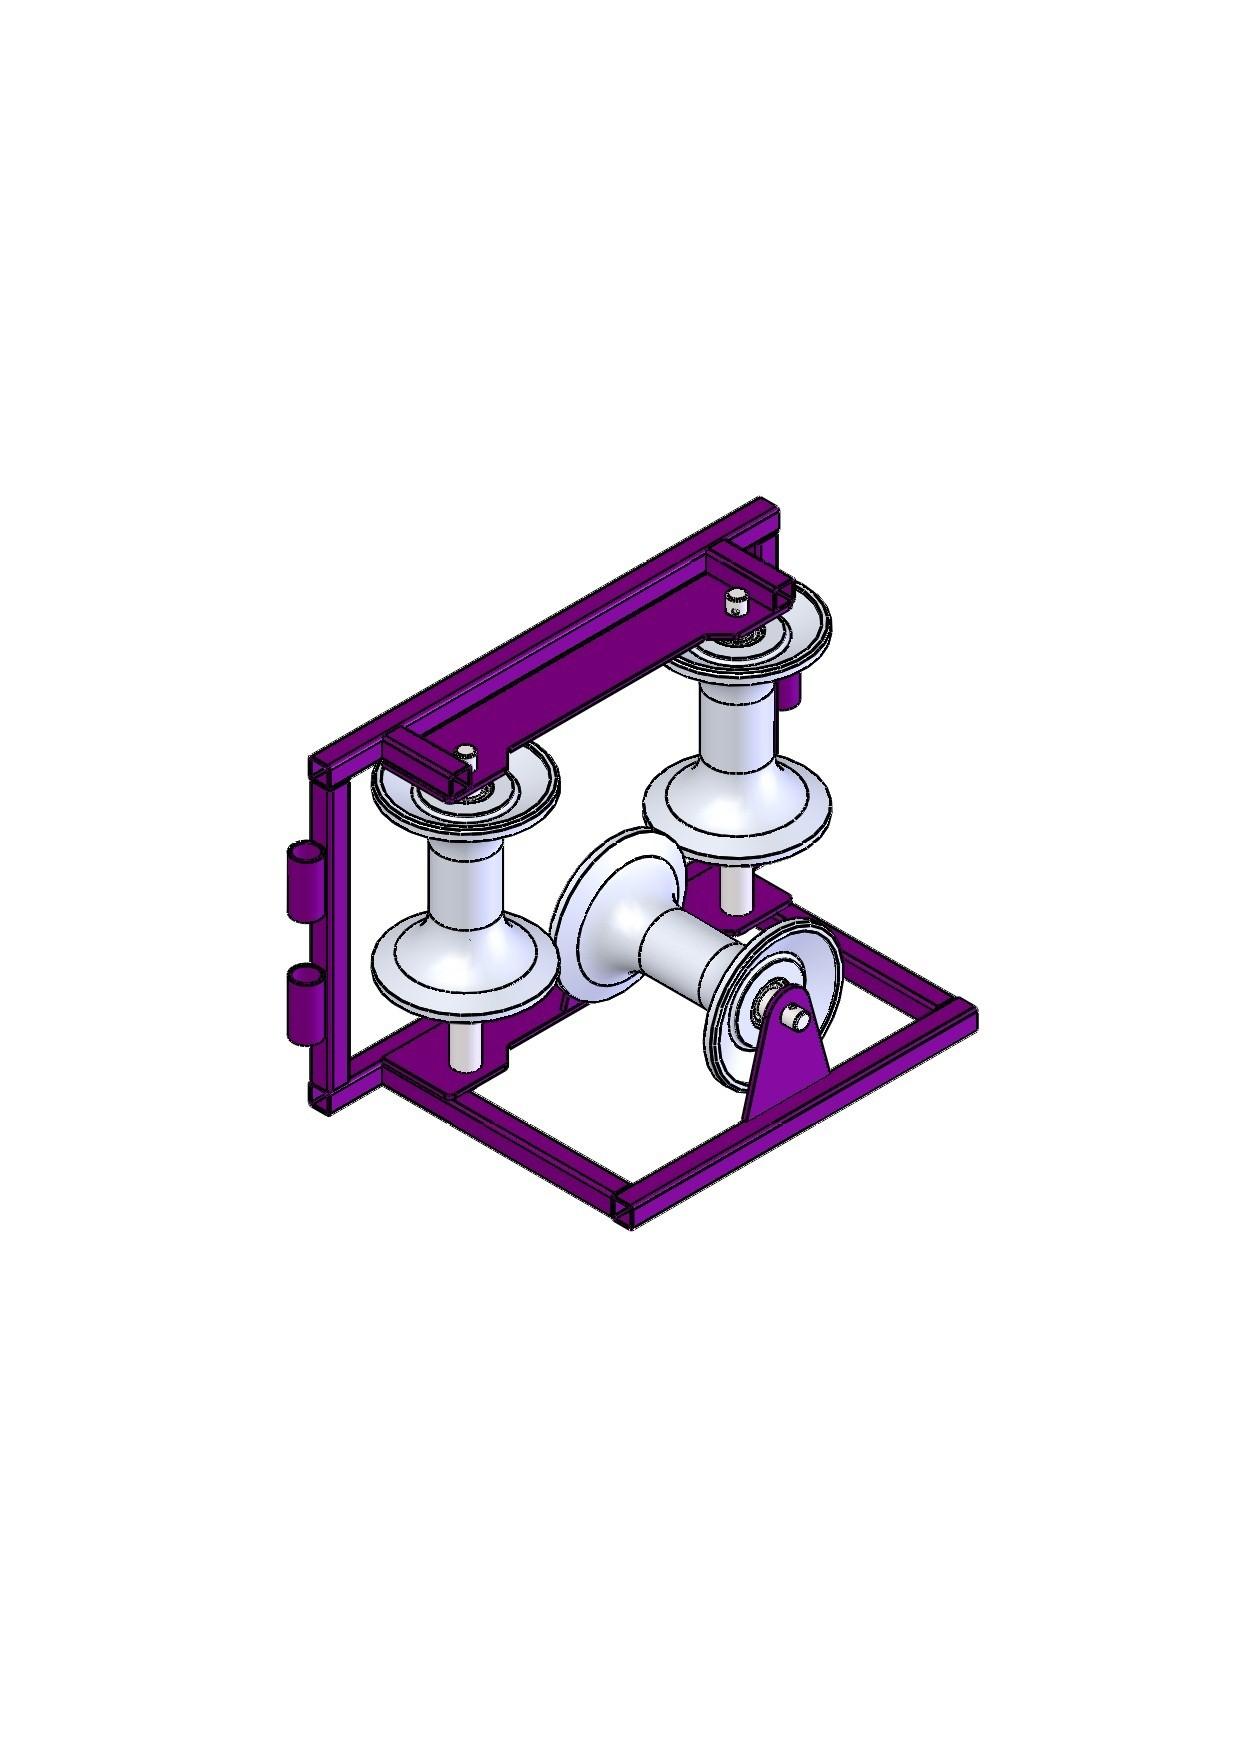 Ролик для прокладки кабеля алюминиевый РПК 3УМАл